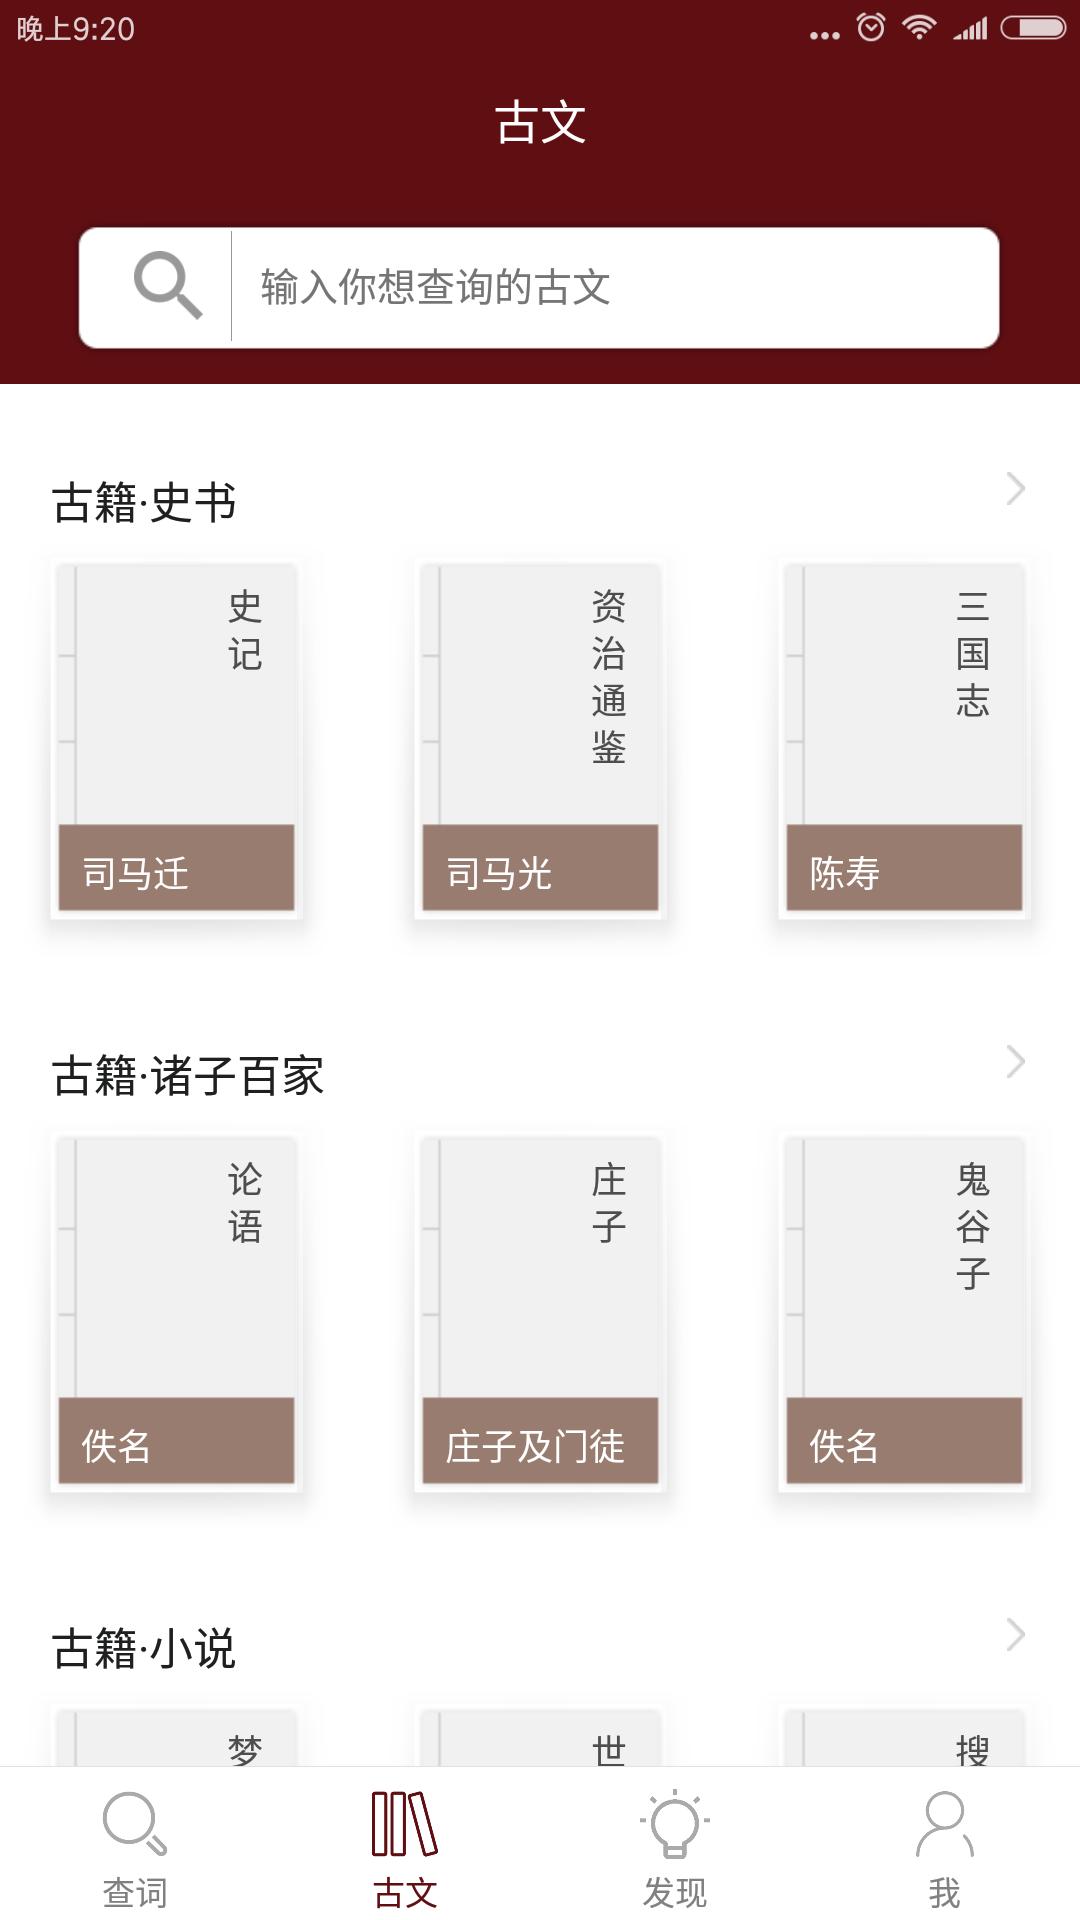 塔塔语文 V1.2.3 安卓版截图3